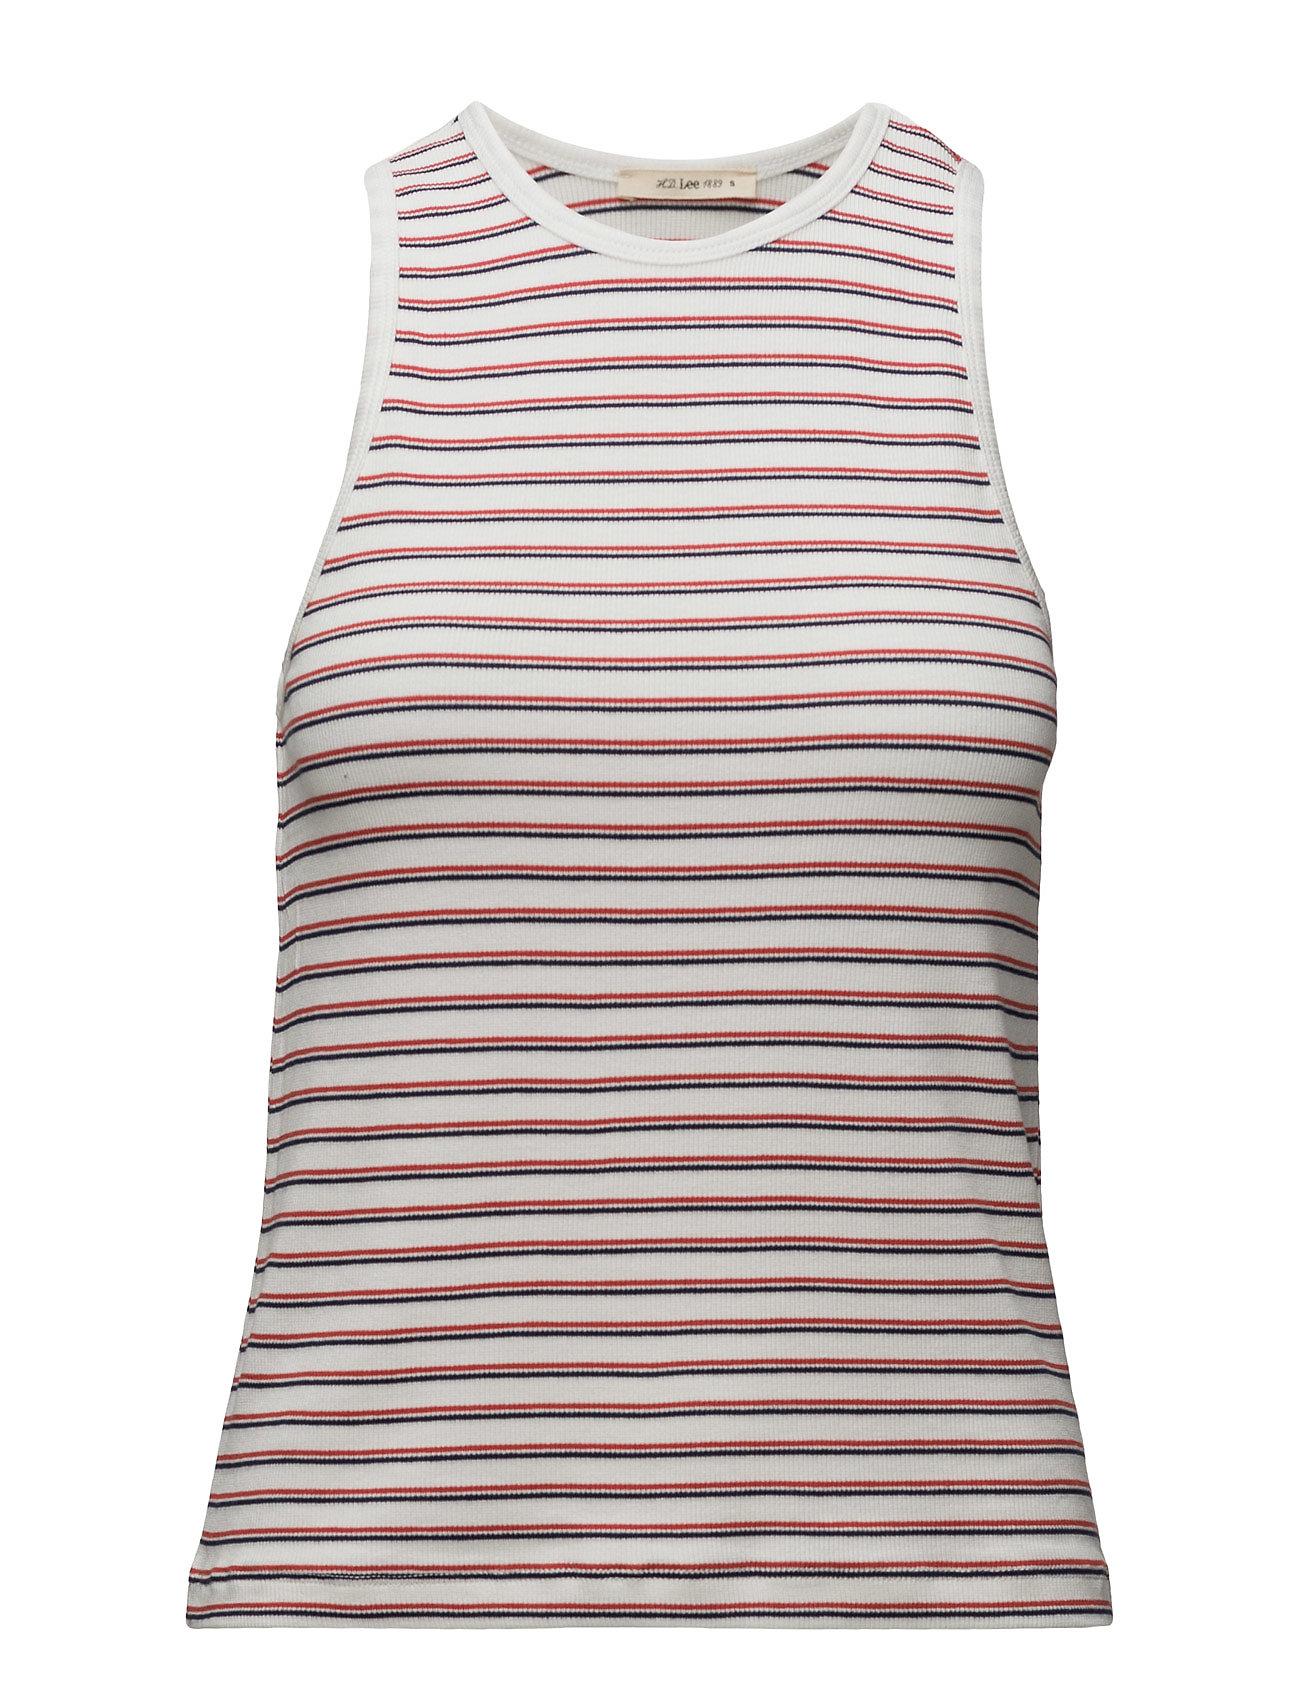 Striped Tank White Lee Jeans T-shirts & toppe til Kvinder i hvid